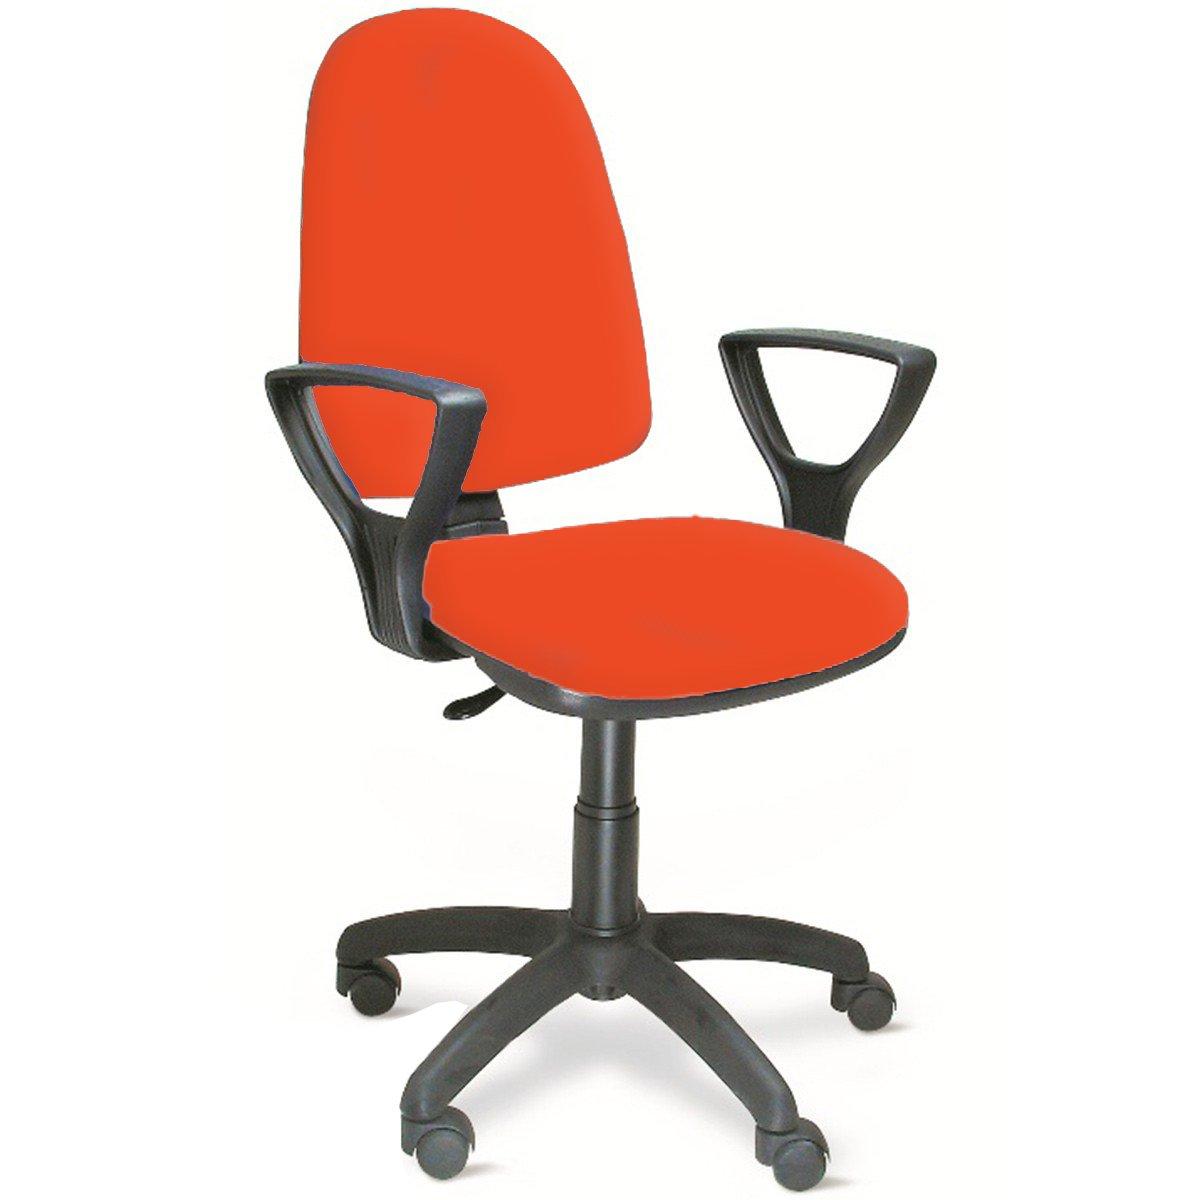 Sedia Poltrona Ufficio Operativa Girevole Casa in Tessuto Colore Arancio